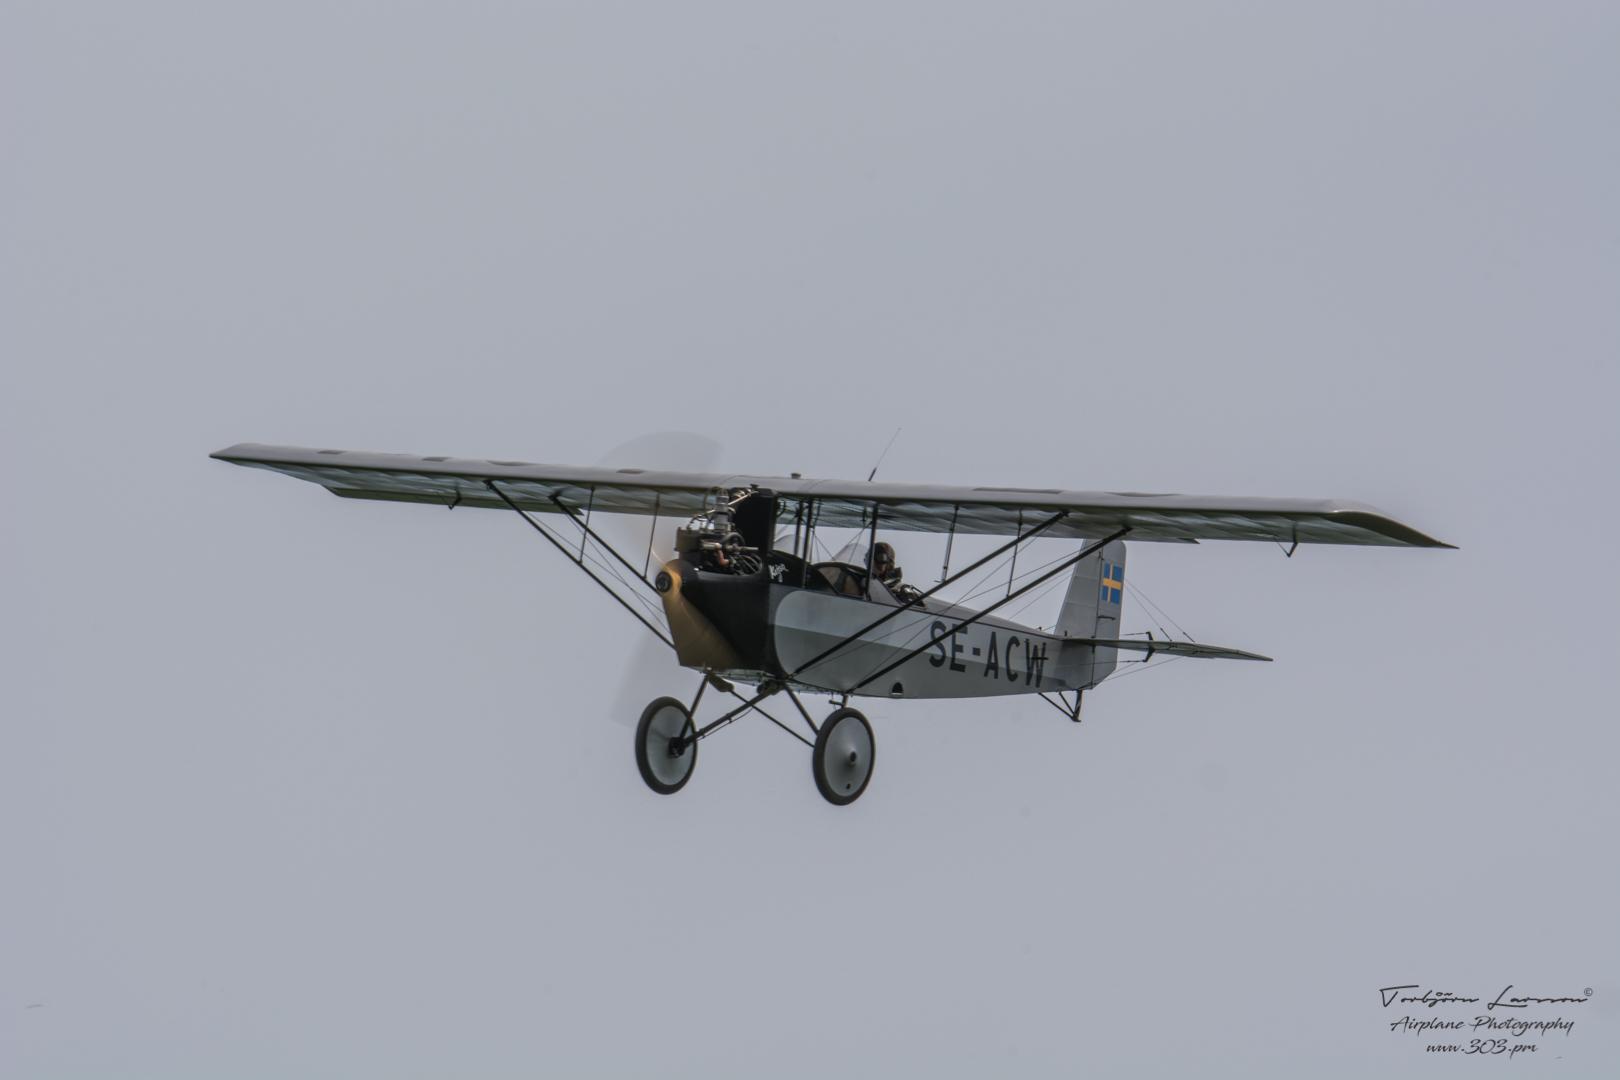 TBE_6663-Pietenpol Air Camper (SE-ACW)